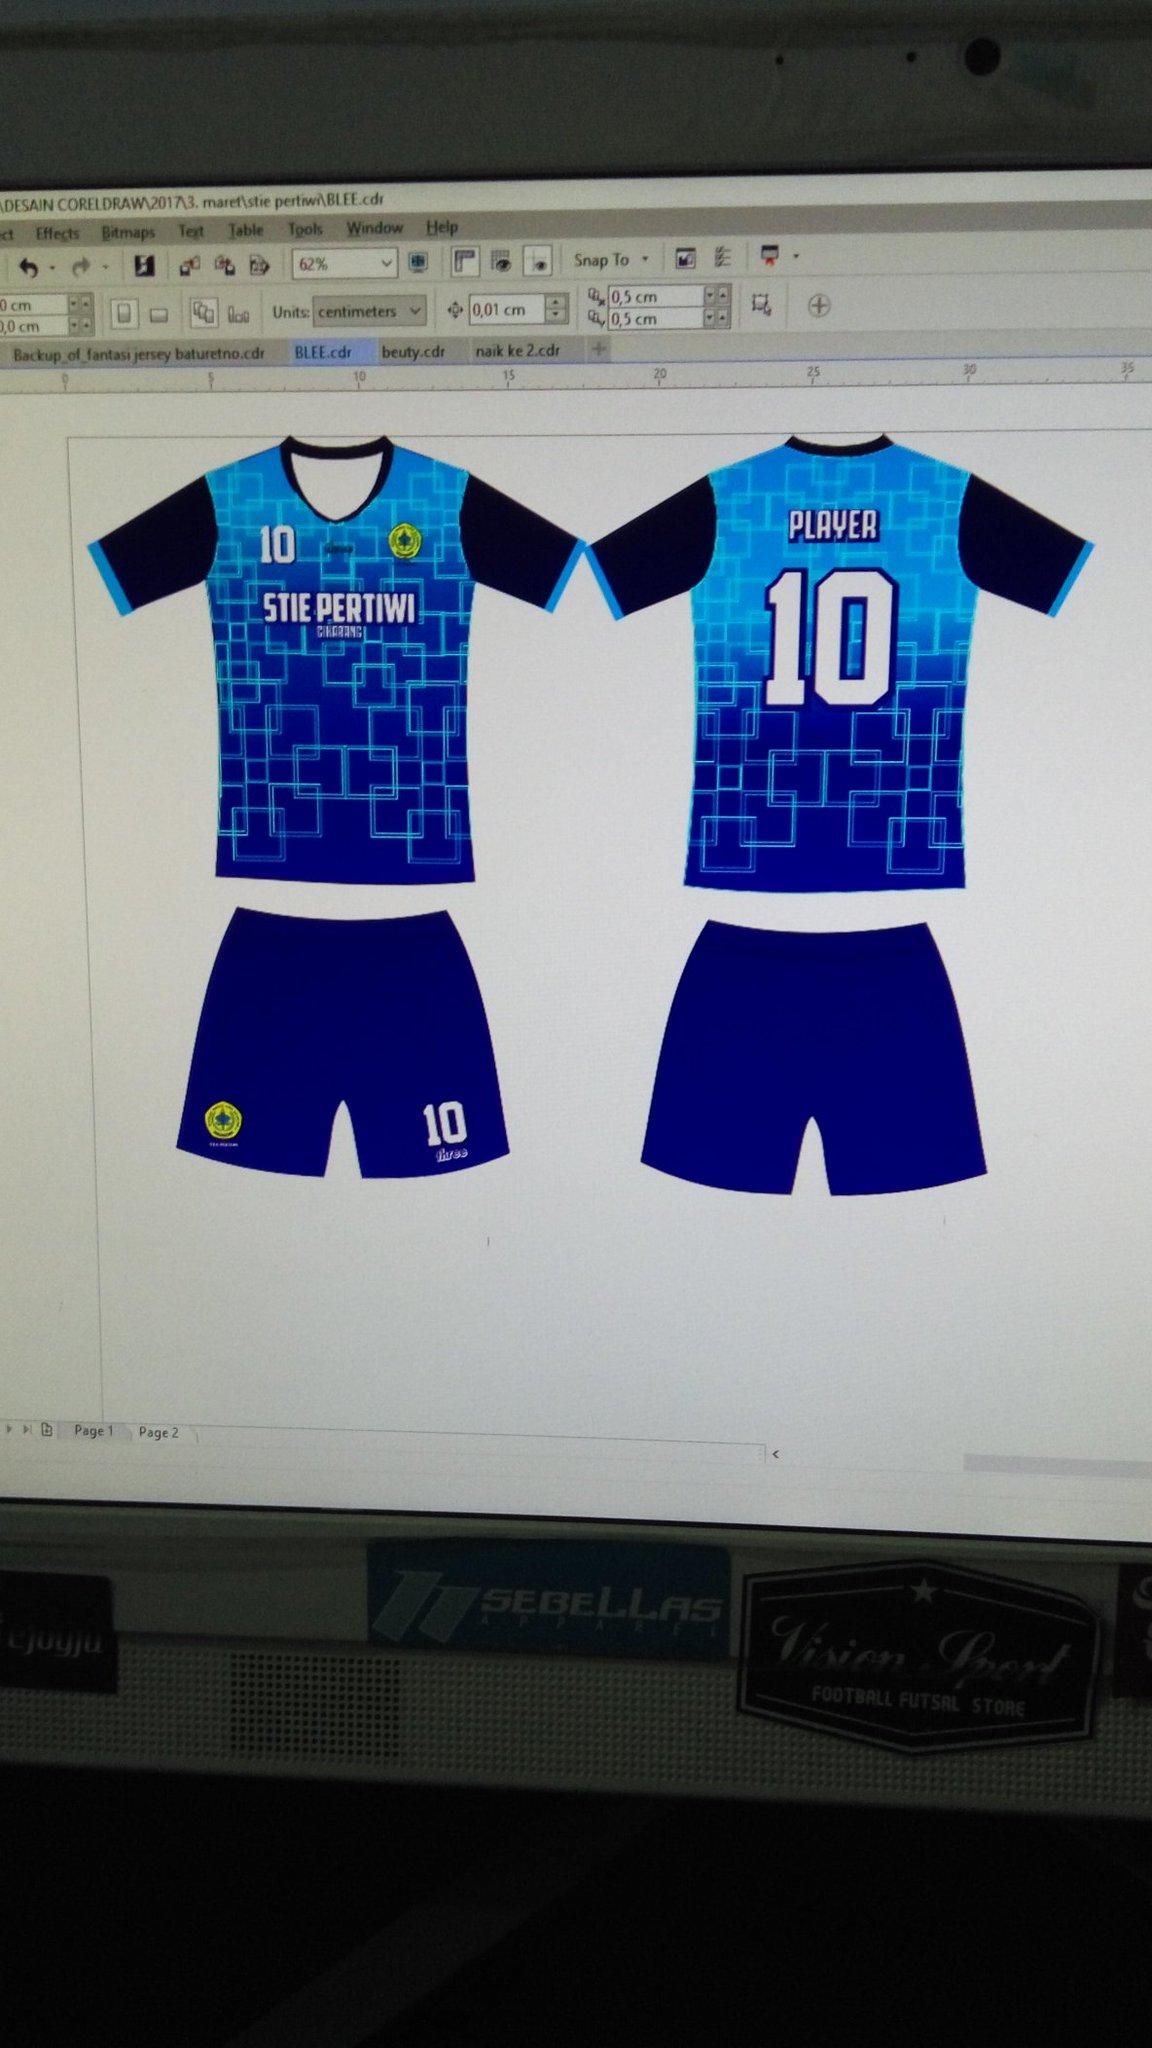 Desain Jersey Futsal Corel : desain, jersey, futsal, corel, Three, Twitter:,